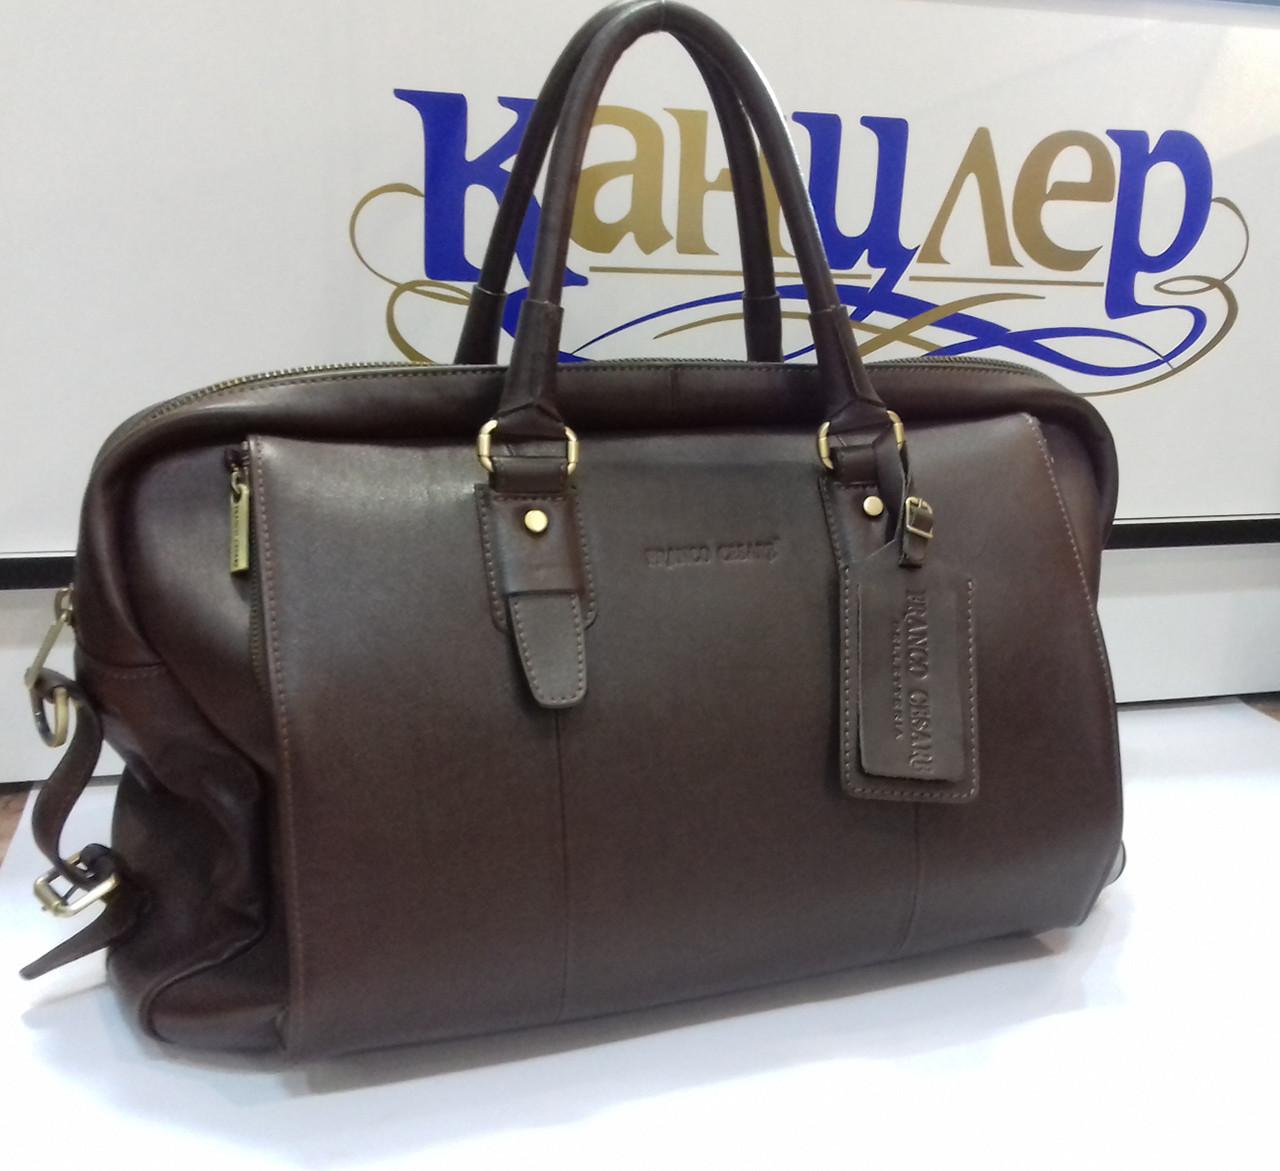 3918cea8 Саквояж дорожная сумка из натуральной кожи - Магазин канцелярских товаров